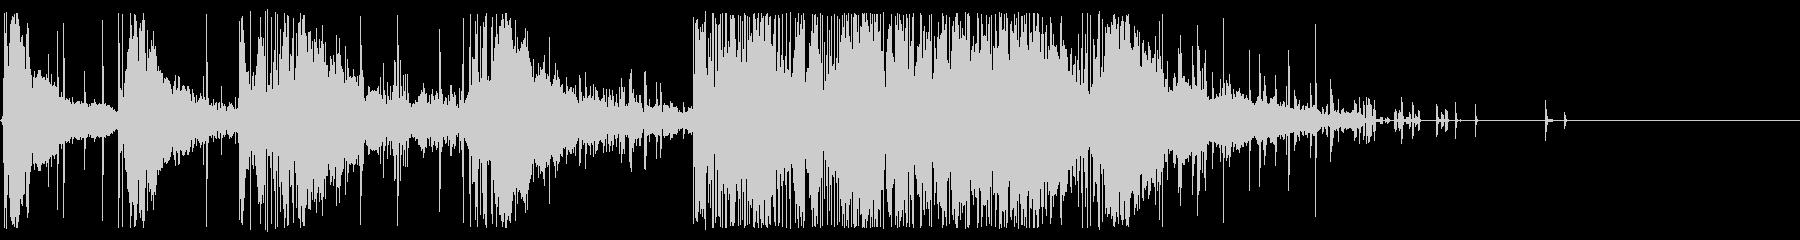 花火:回転するホイッスル:重い口h...の未再生の波形